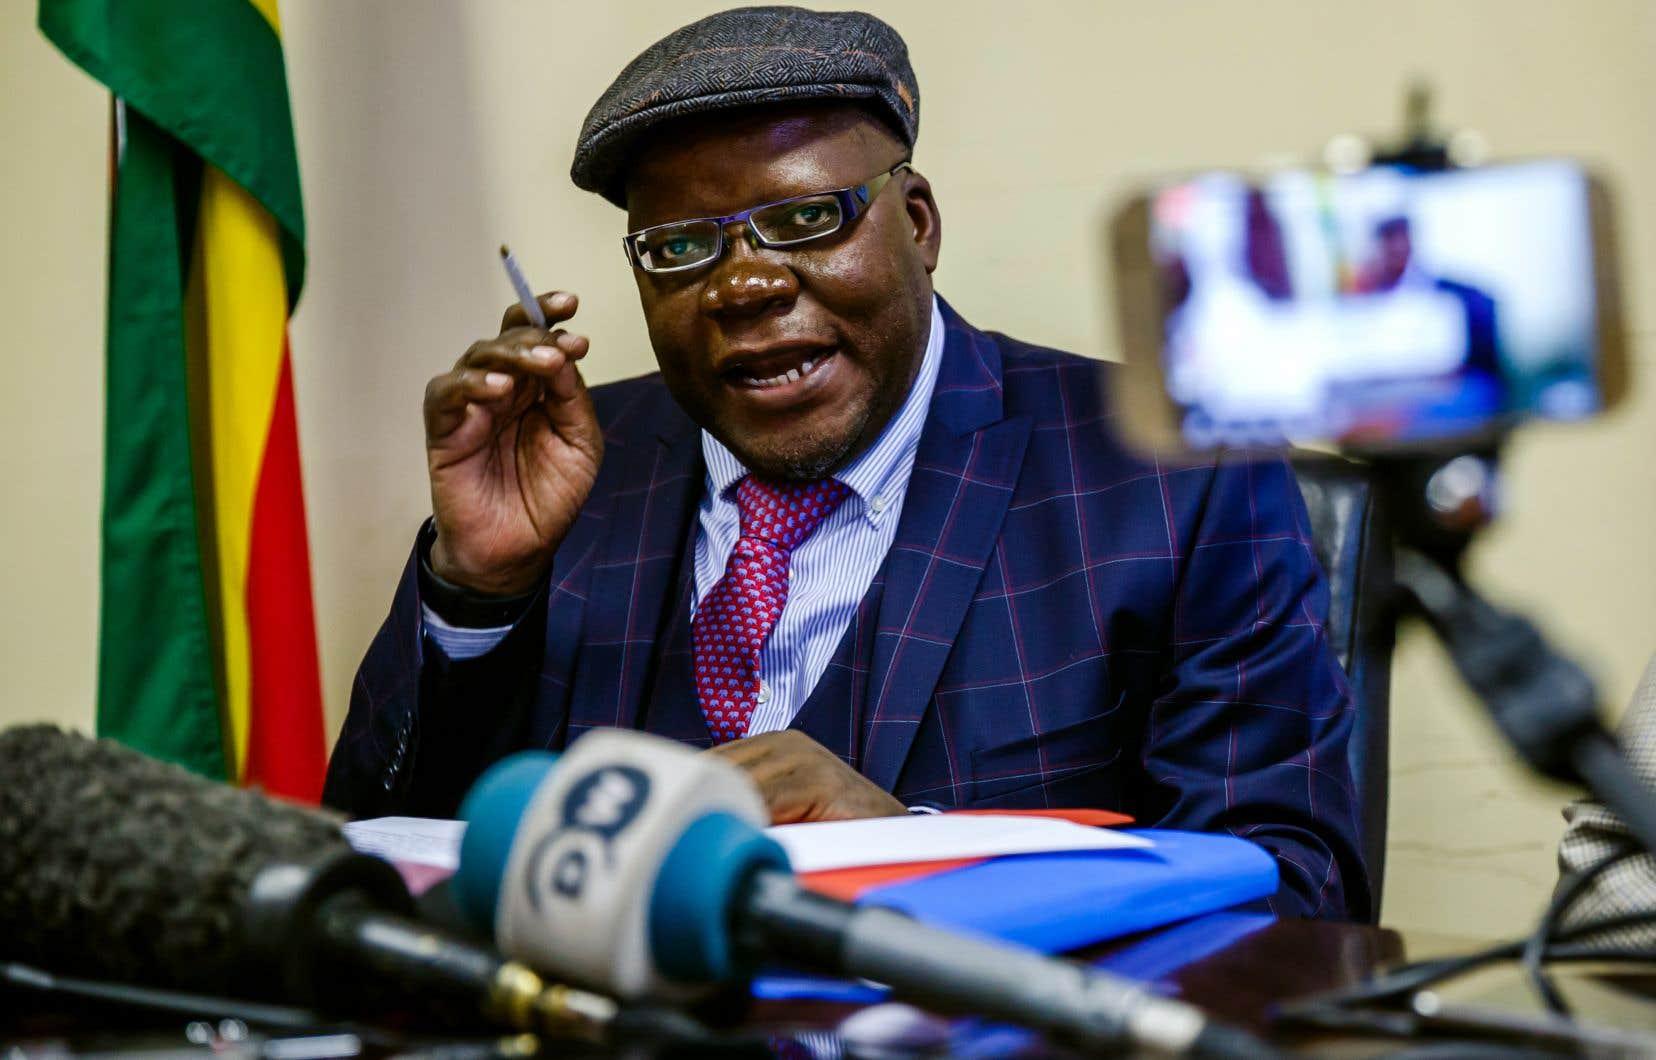 Tendai Biti, figure de l'opposition et ancien ministre des Finances du pays, a été arrêté à la frontière de la Zambie, alors qu'il cherchait «l'asile» politique dans le pays voisin.